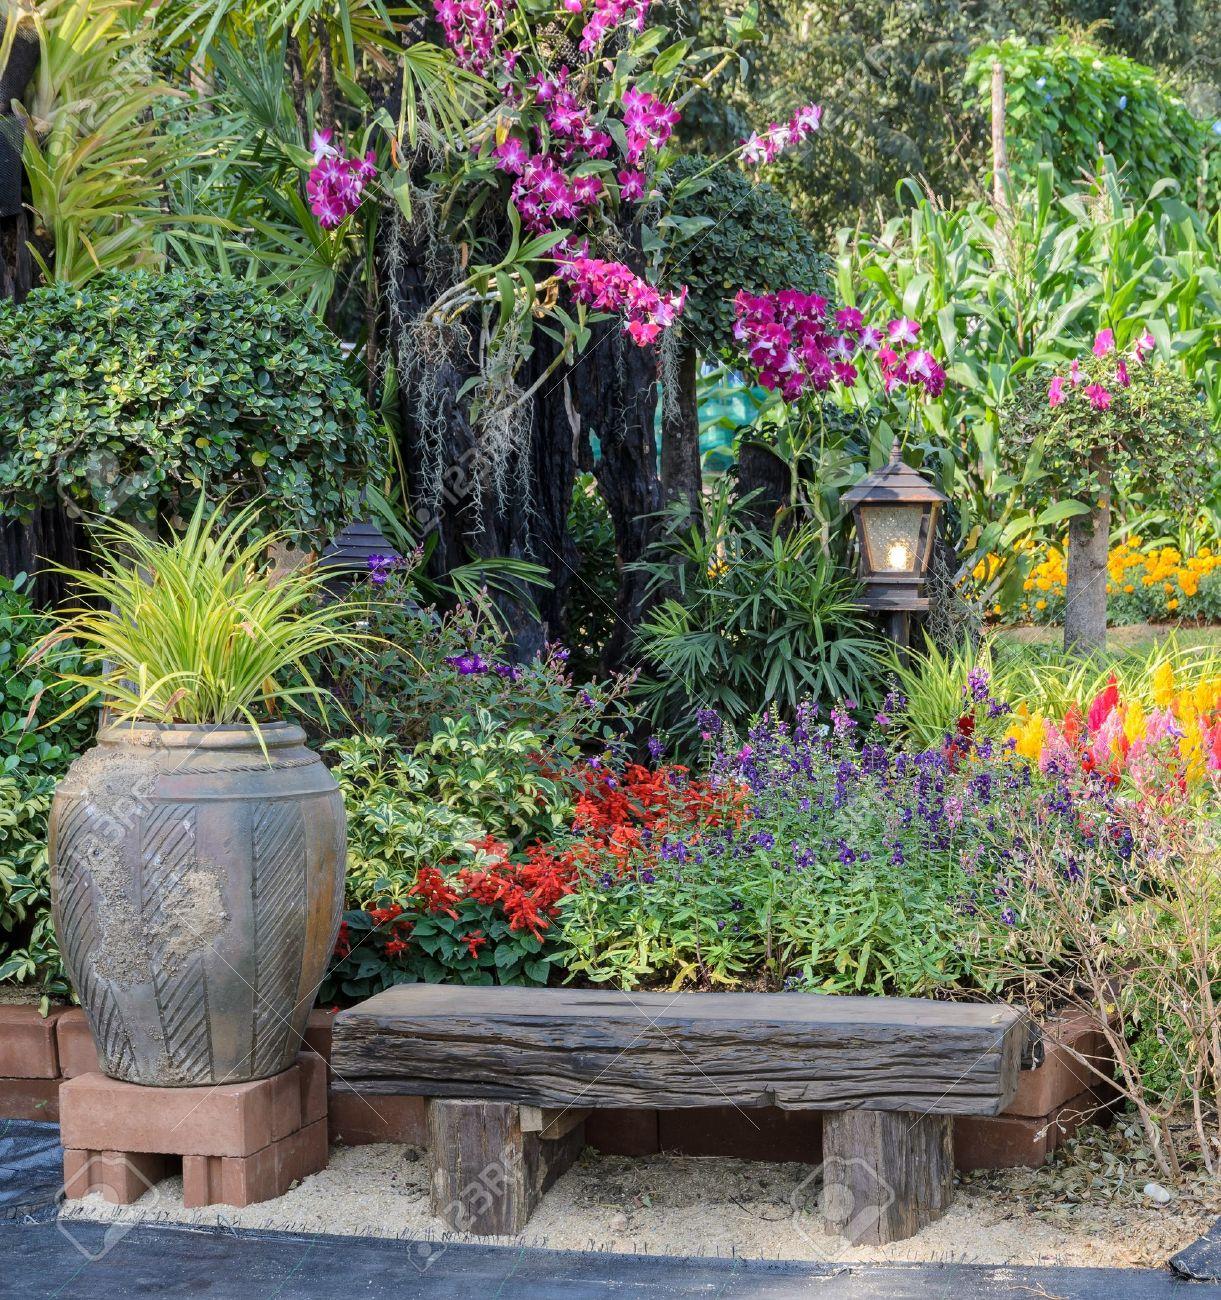 Siège En Bois Et Jardin Fleuri Décoré Dans Le Parc Banque D\'Images ...